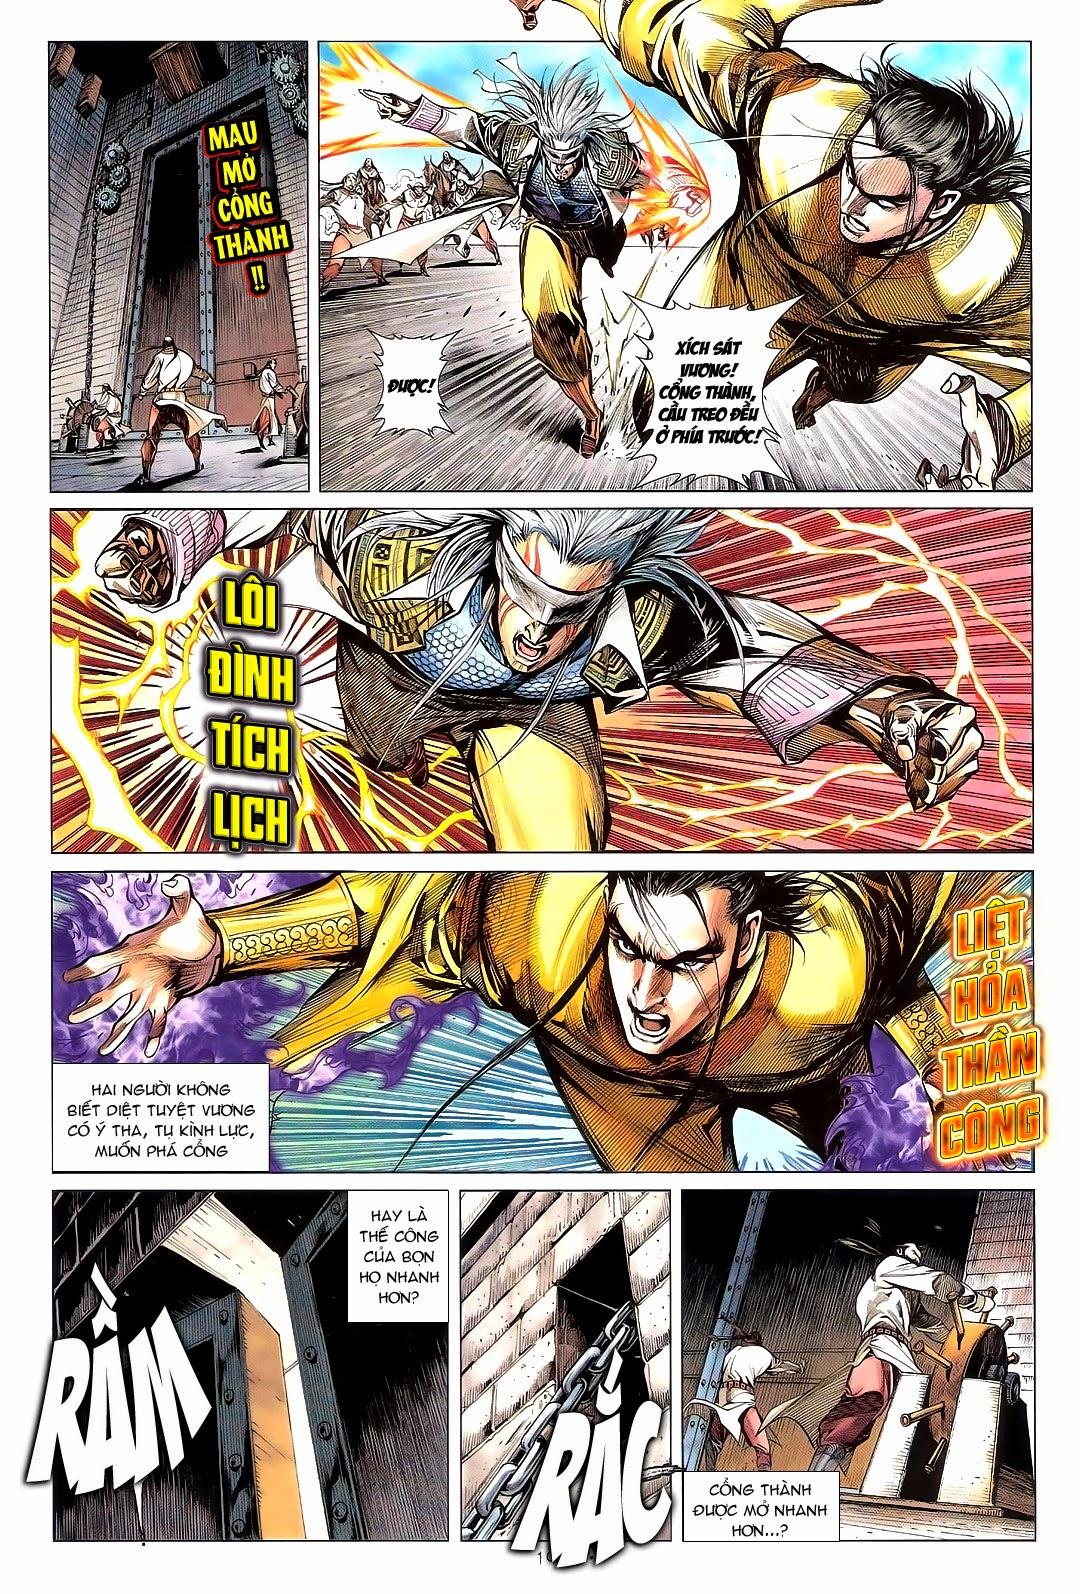 tuoithodudoi.com Thiết Tướng Tung Hoành Chapter 110 - 19.jpg